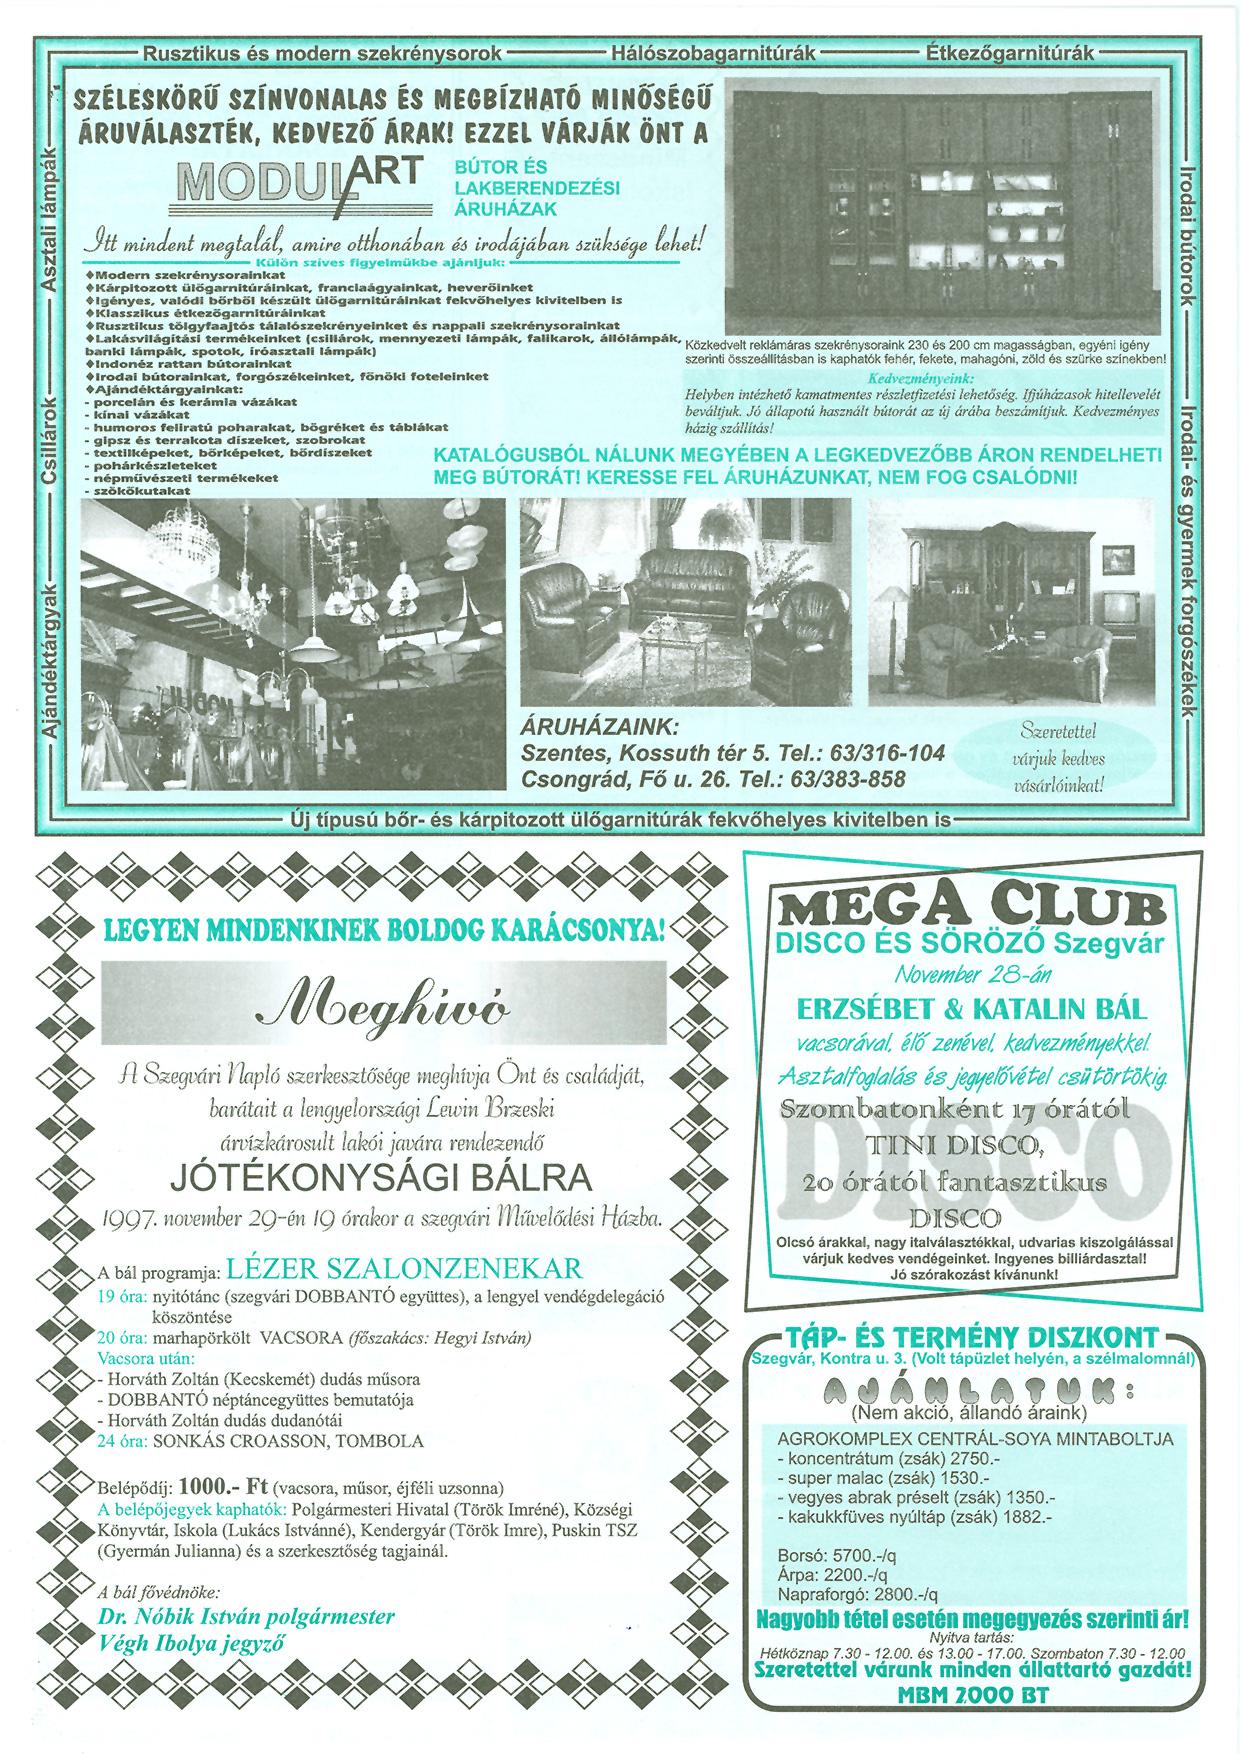 044 Tuti Tipp reklámújság - 19971122-074. lapszám - 2.oldal - III. évfolyam.jpg